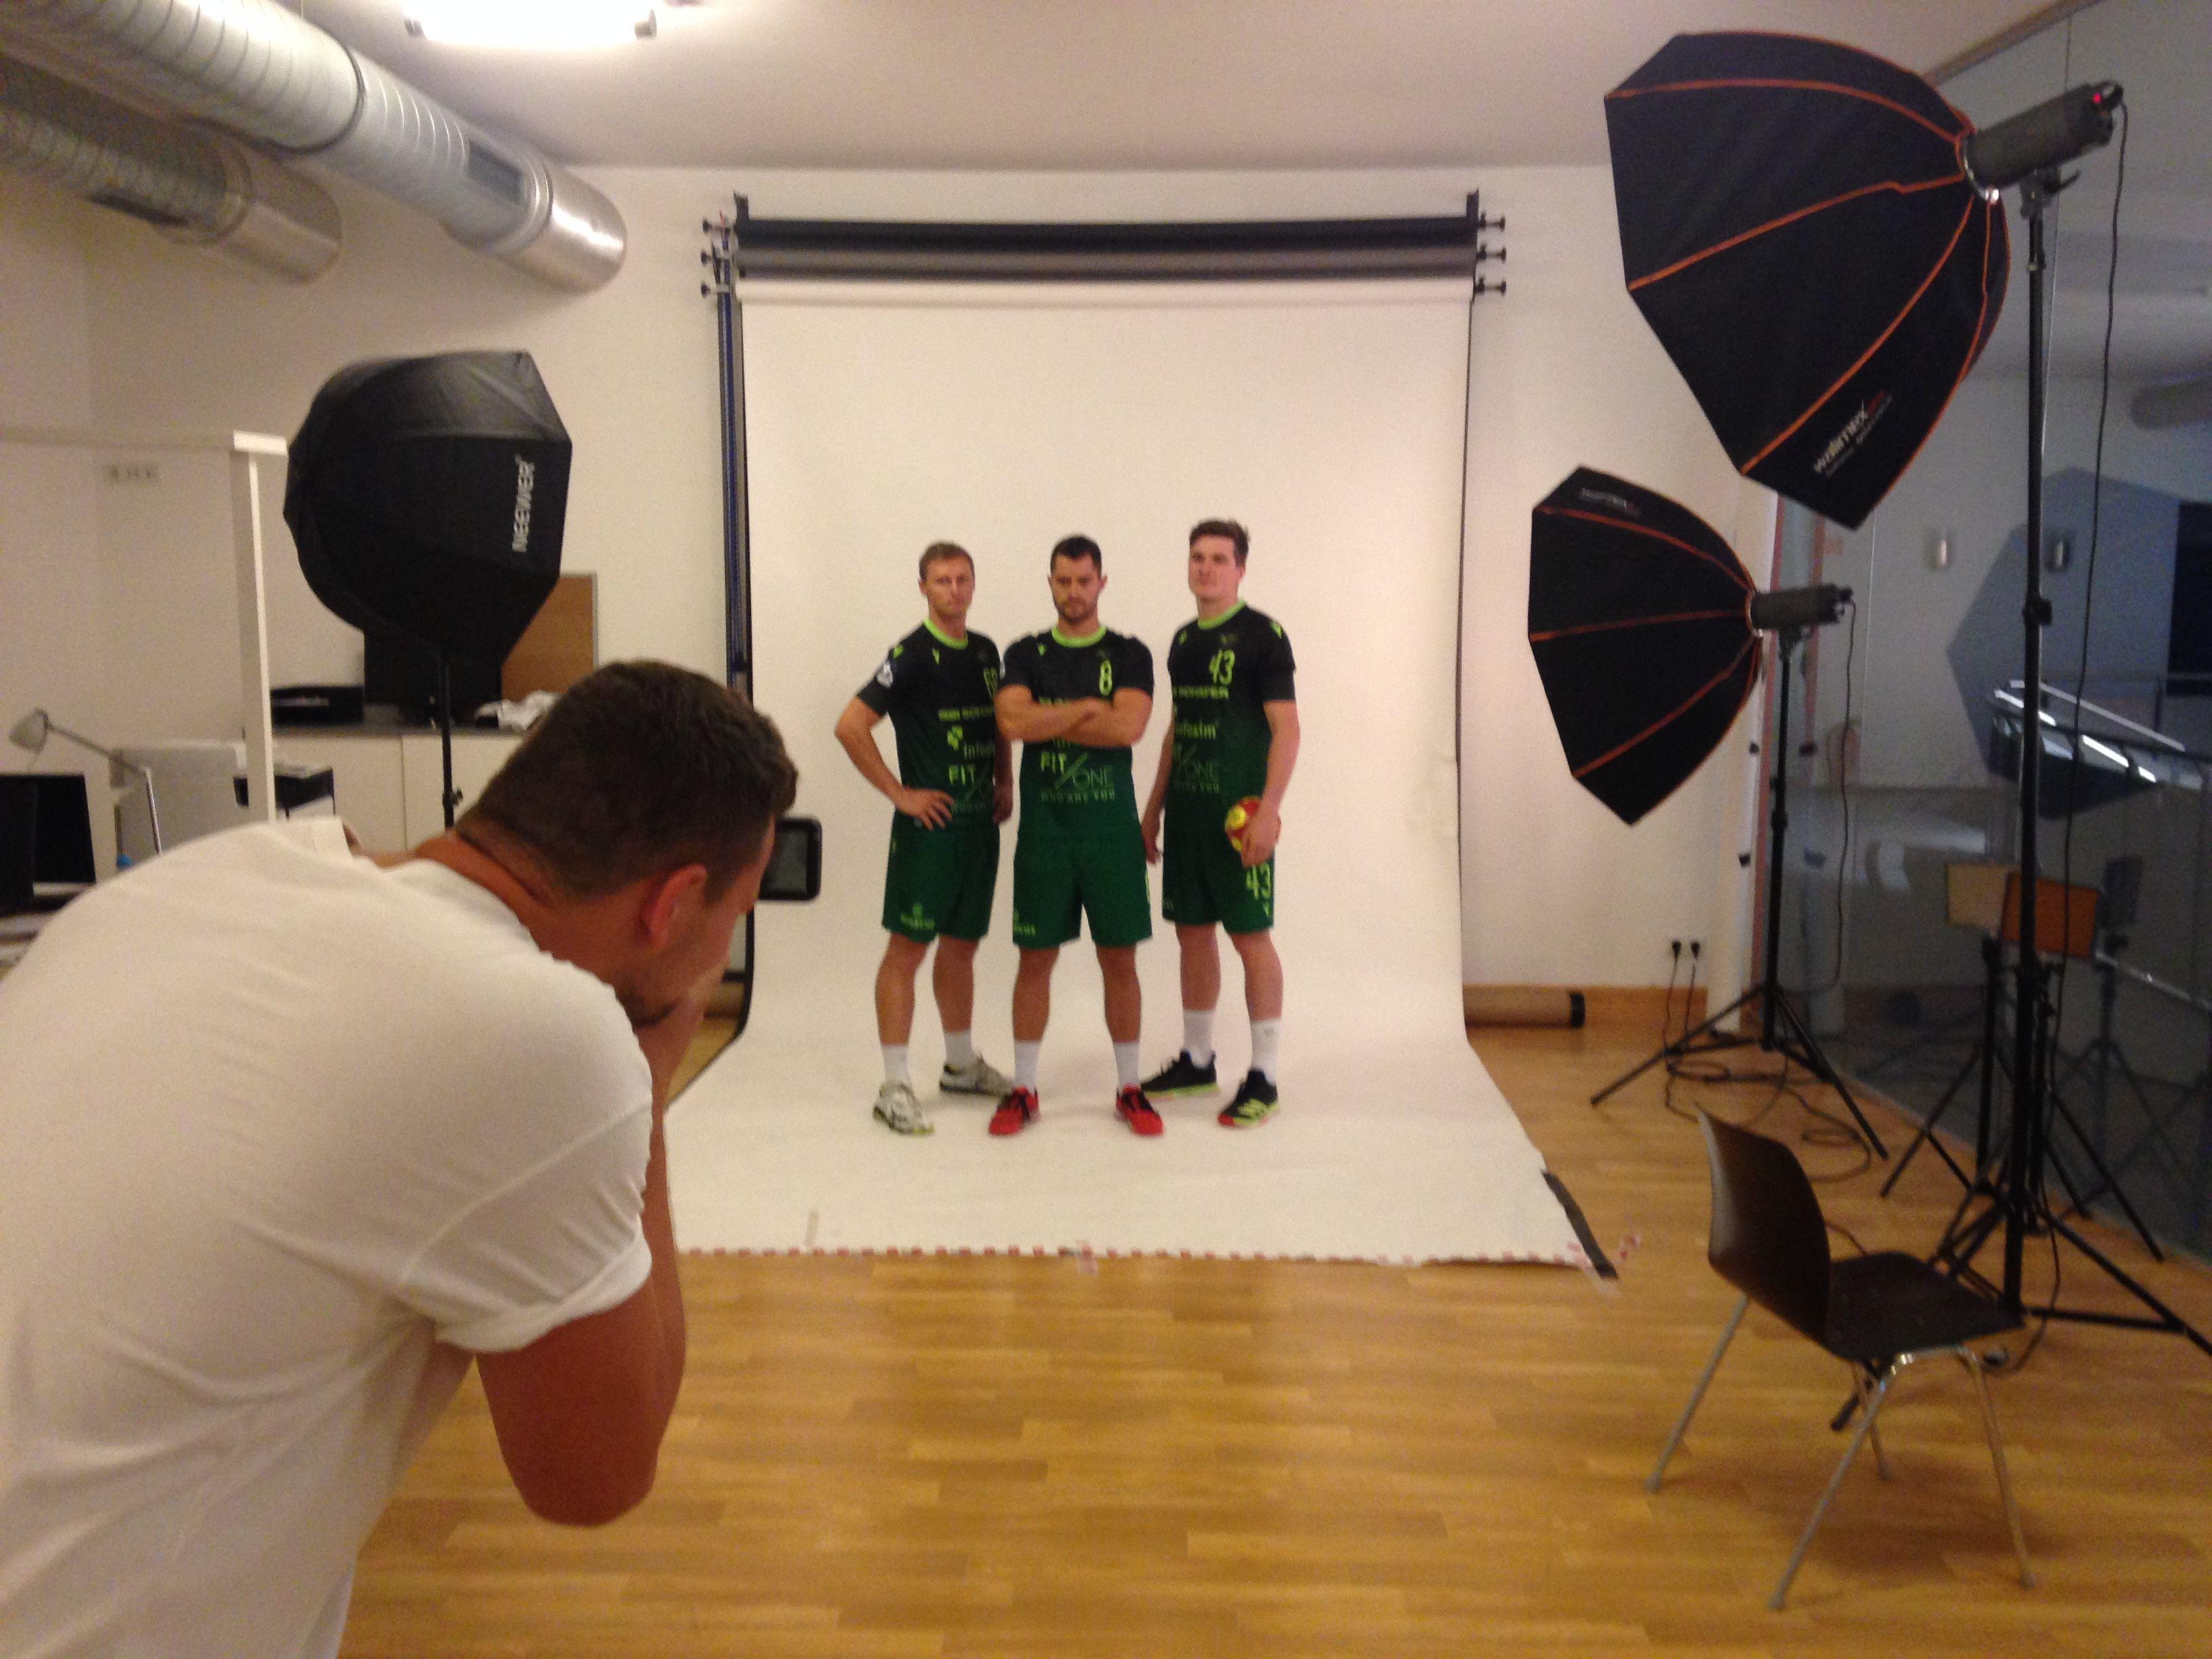 Julian Sauer, Dominik Schömig und Yannik Bialowas beim Saisonshooting 2019/20